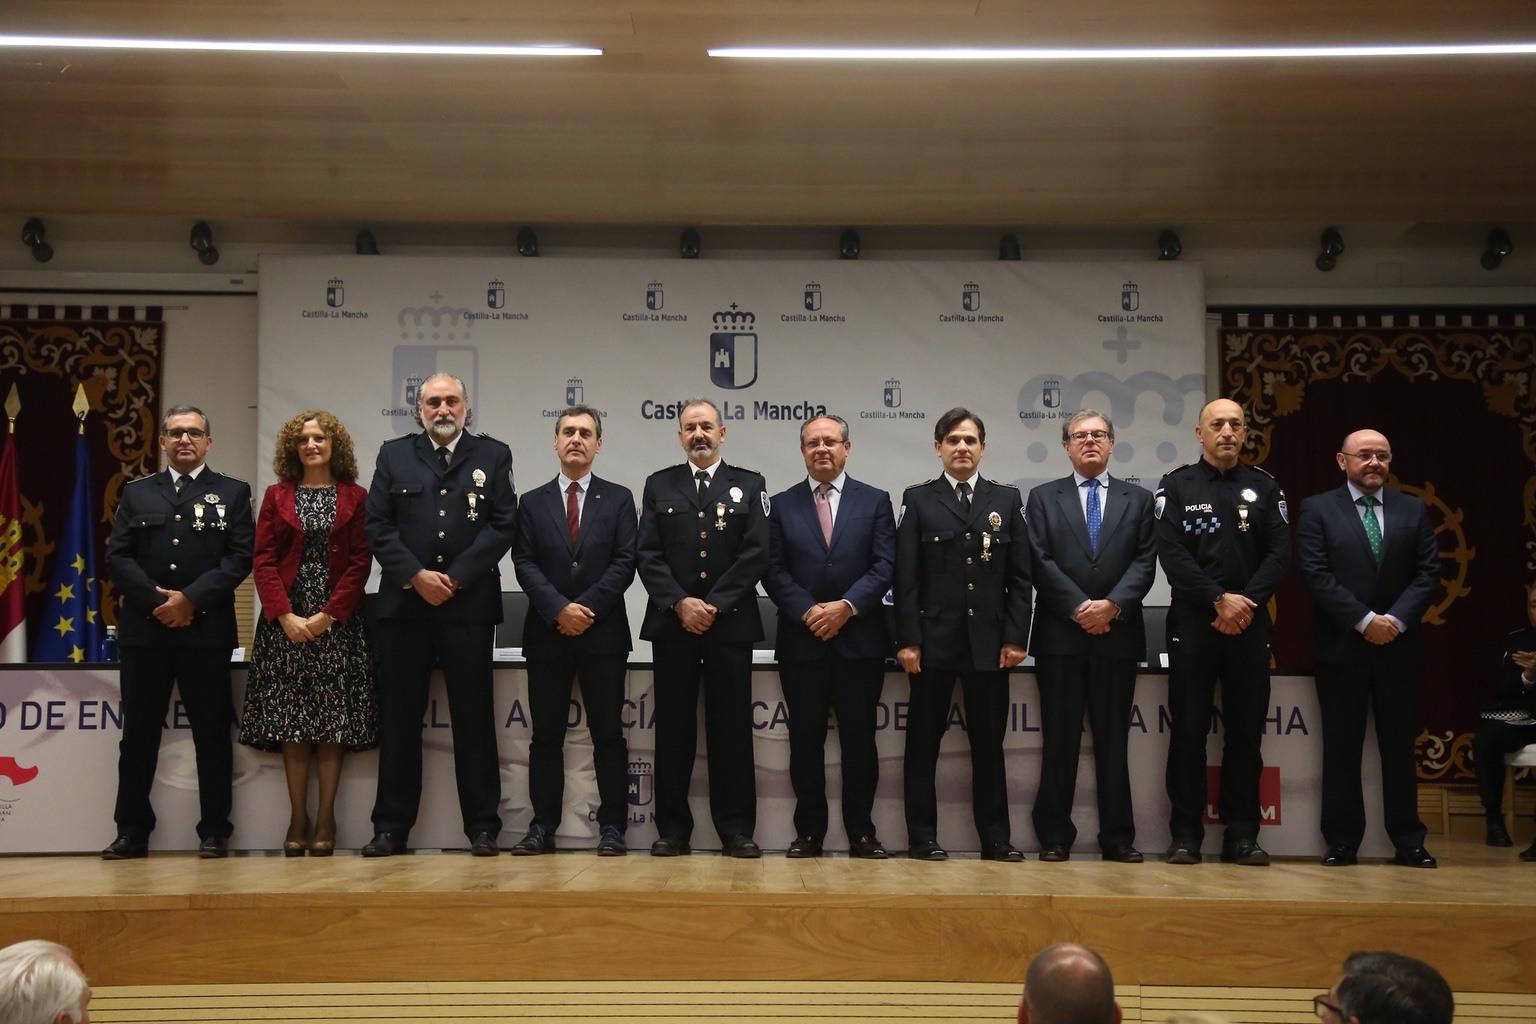 Juli%C3%A1n Moreno condecorado por su servicio activo durante 30 a%C3%B1os en la polic%C3%ADa local1 - Julián Moreno, condecorado por su servicio activo durante 30 años en la policía local